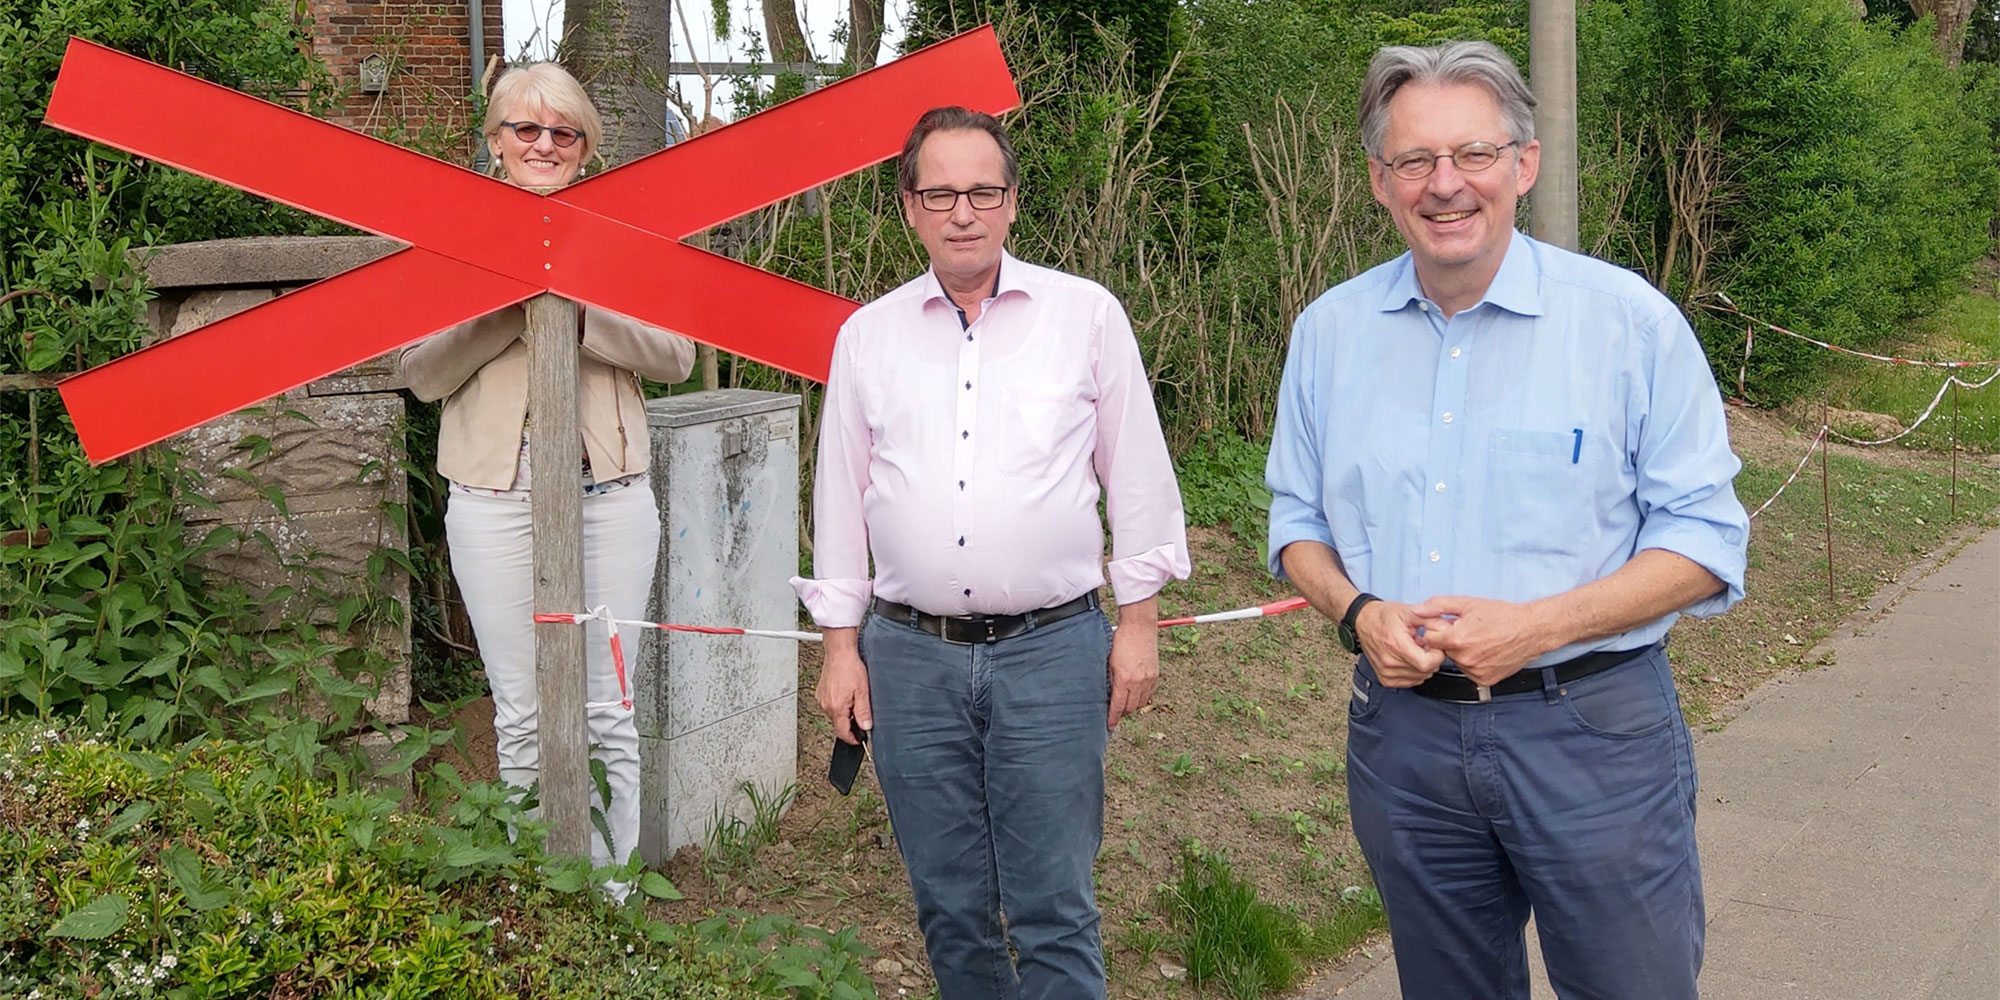 v.l. Birgit Härtel, Reinhard Fromme, Achim Post